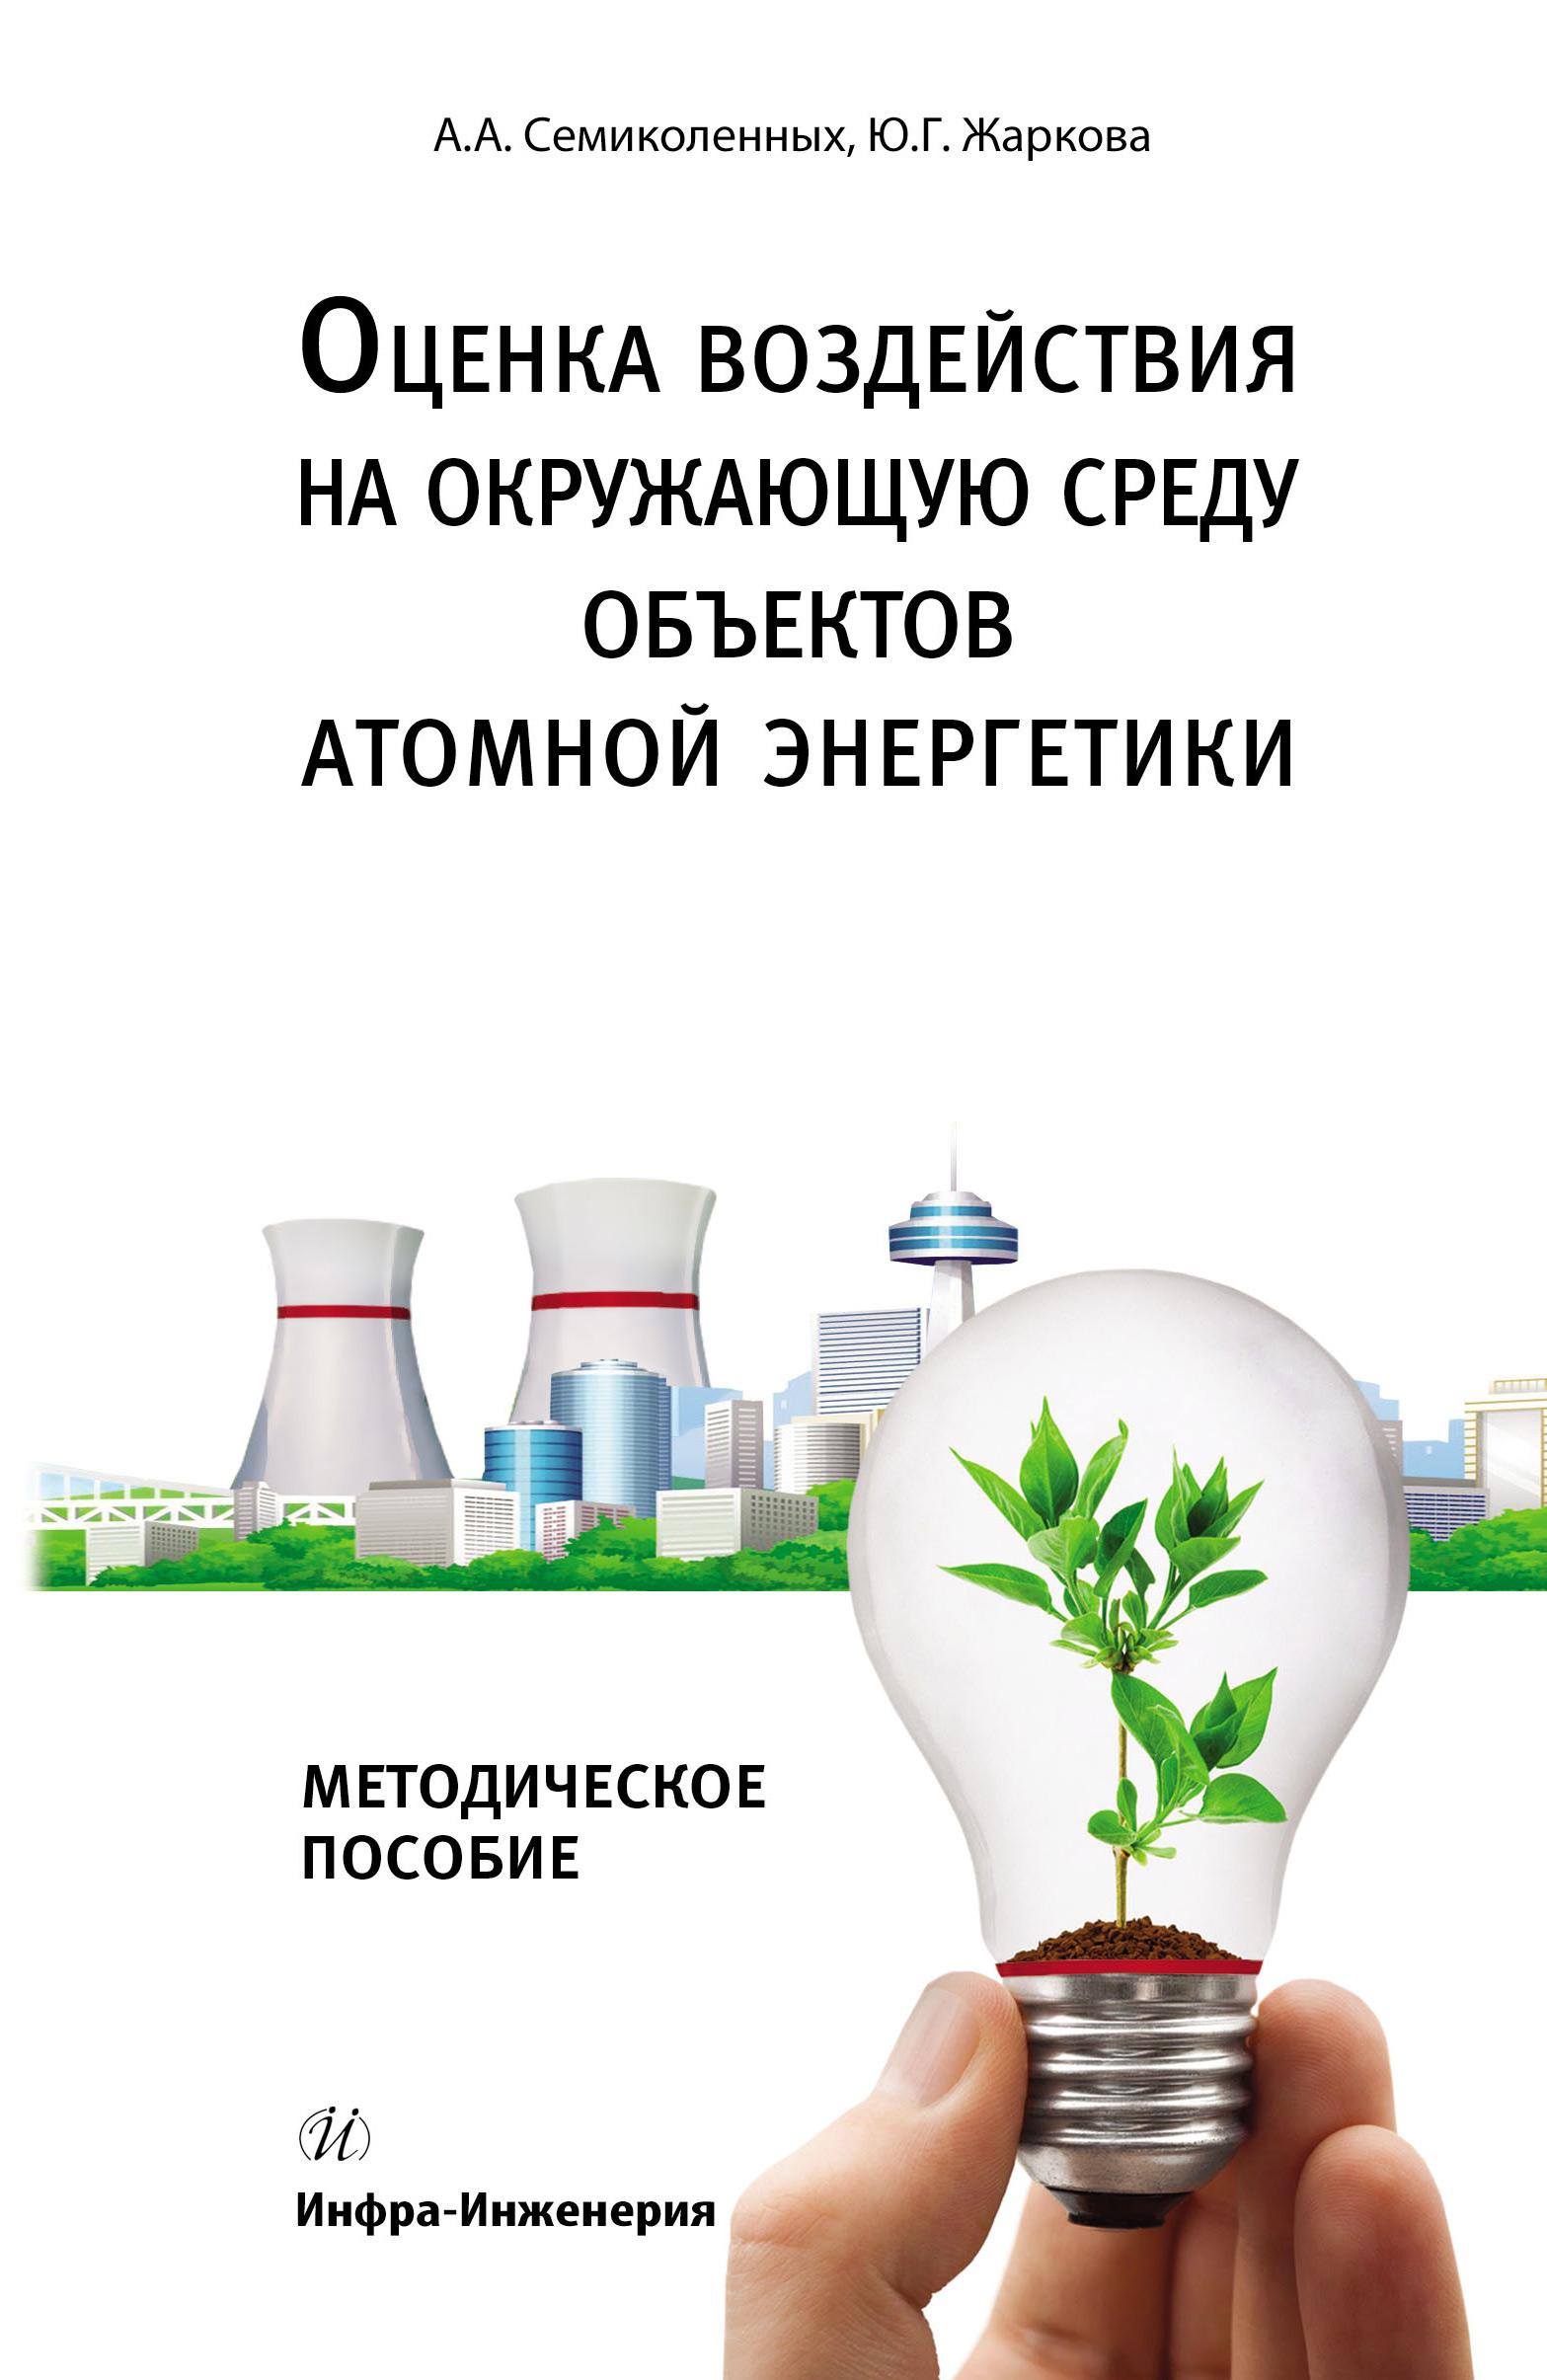 Ю. Г. Жаркова Оценка воздействия на окружающую среду объектов атомной энергетики